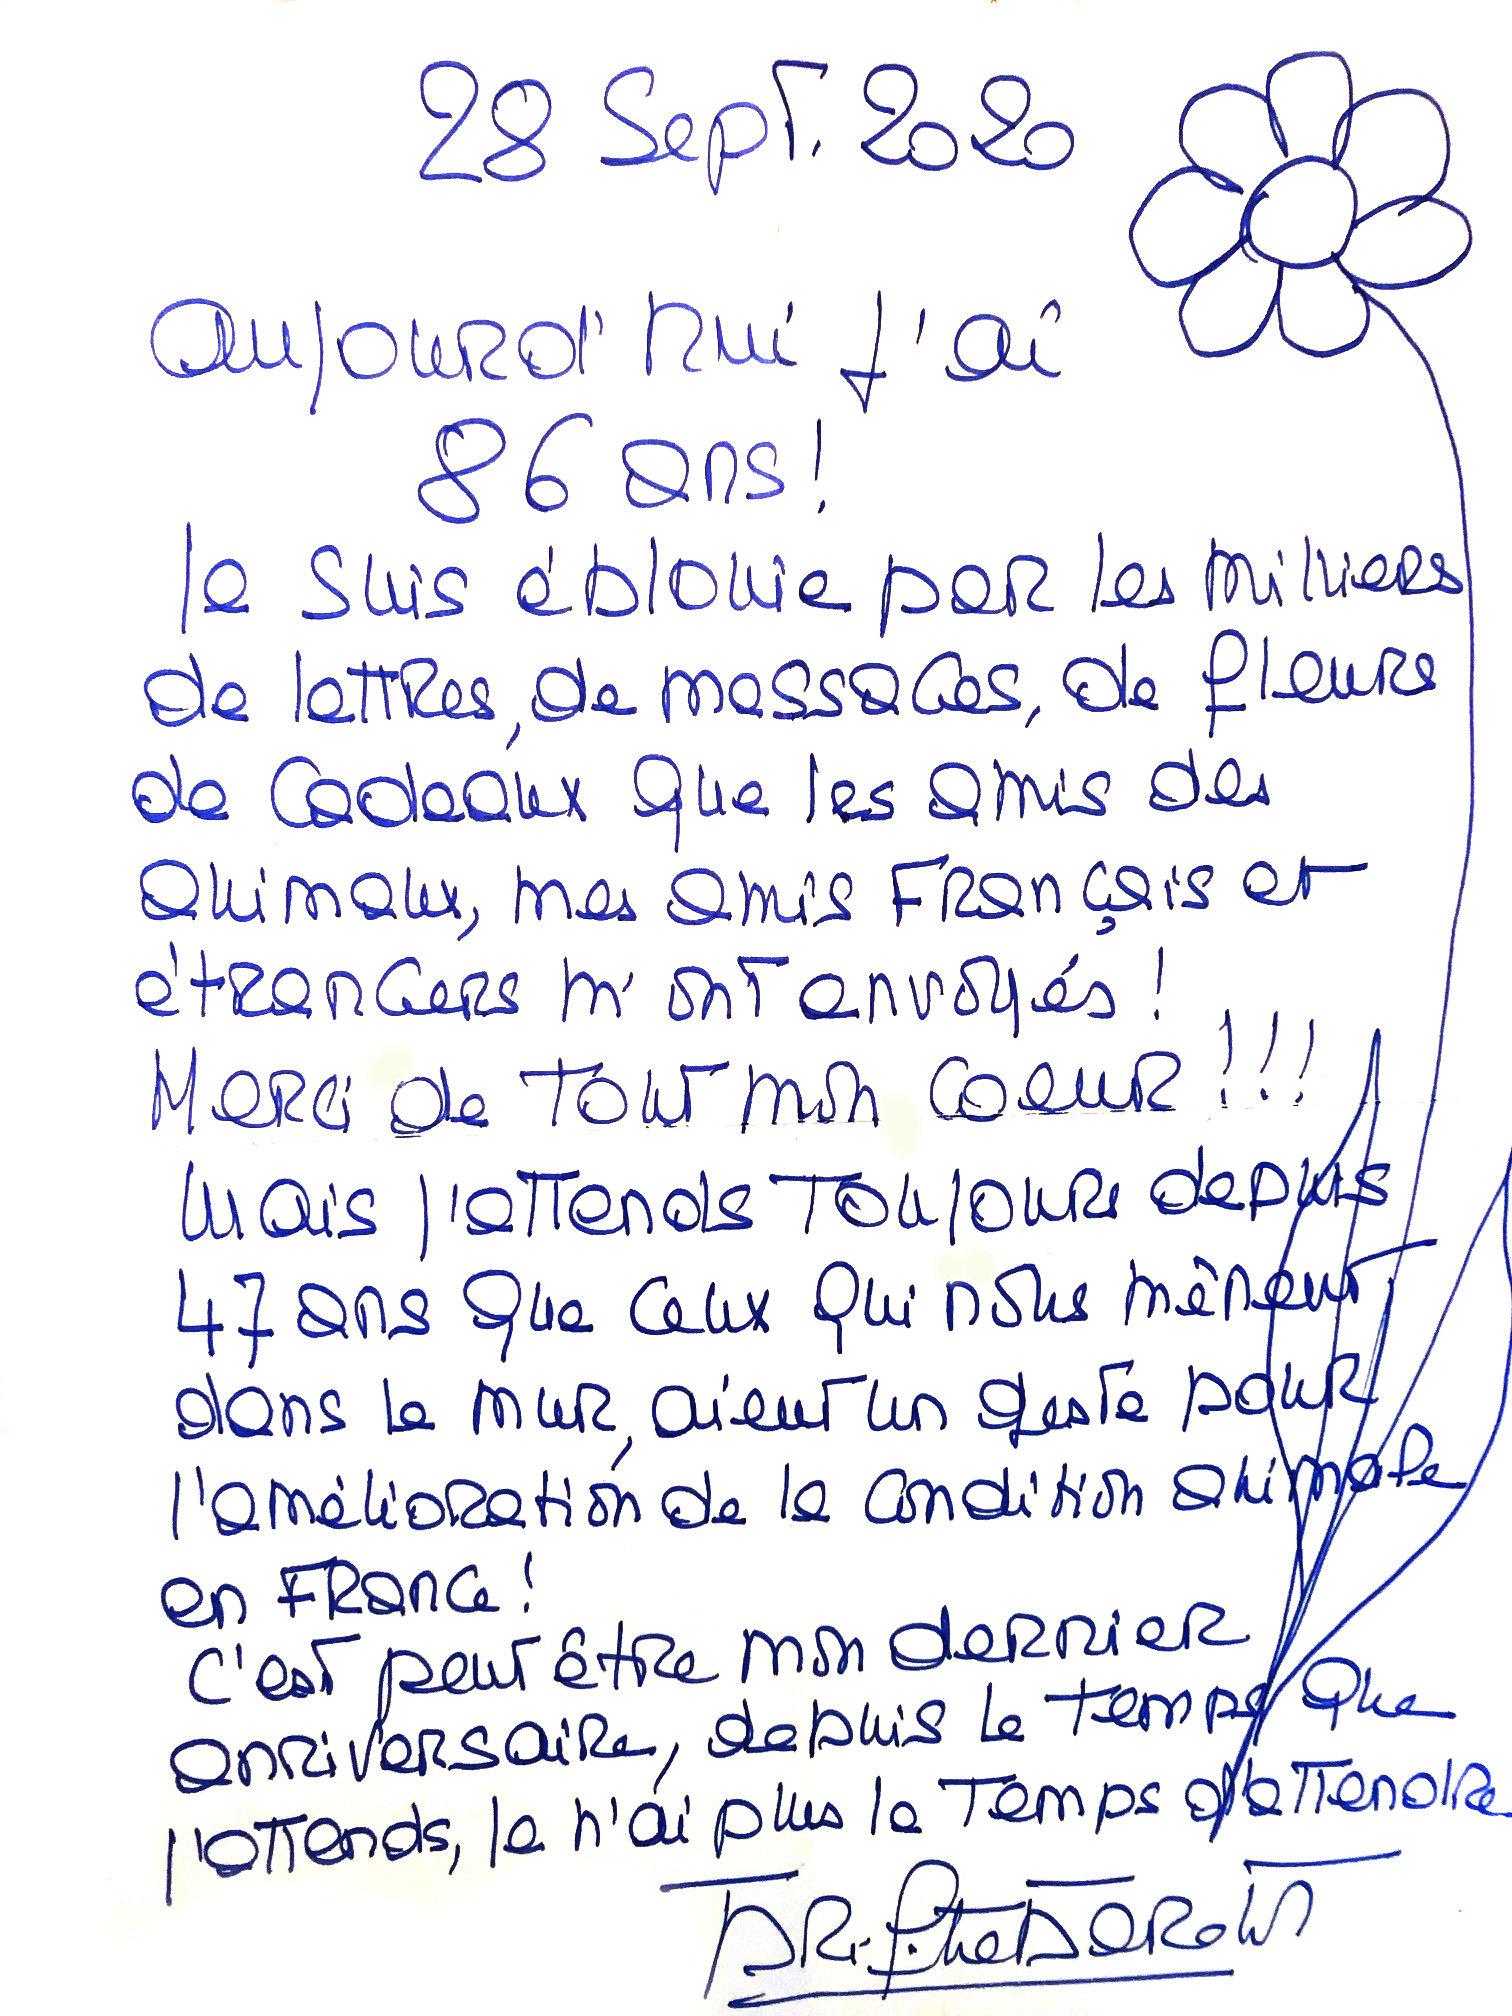 Bon anniversaire à Notre brigitte! - Page 4 20092903043882604